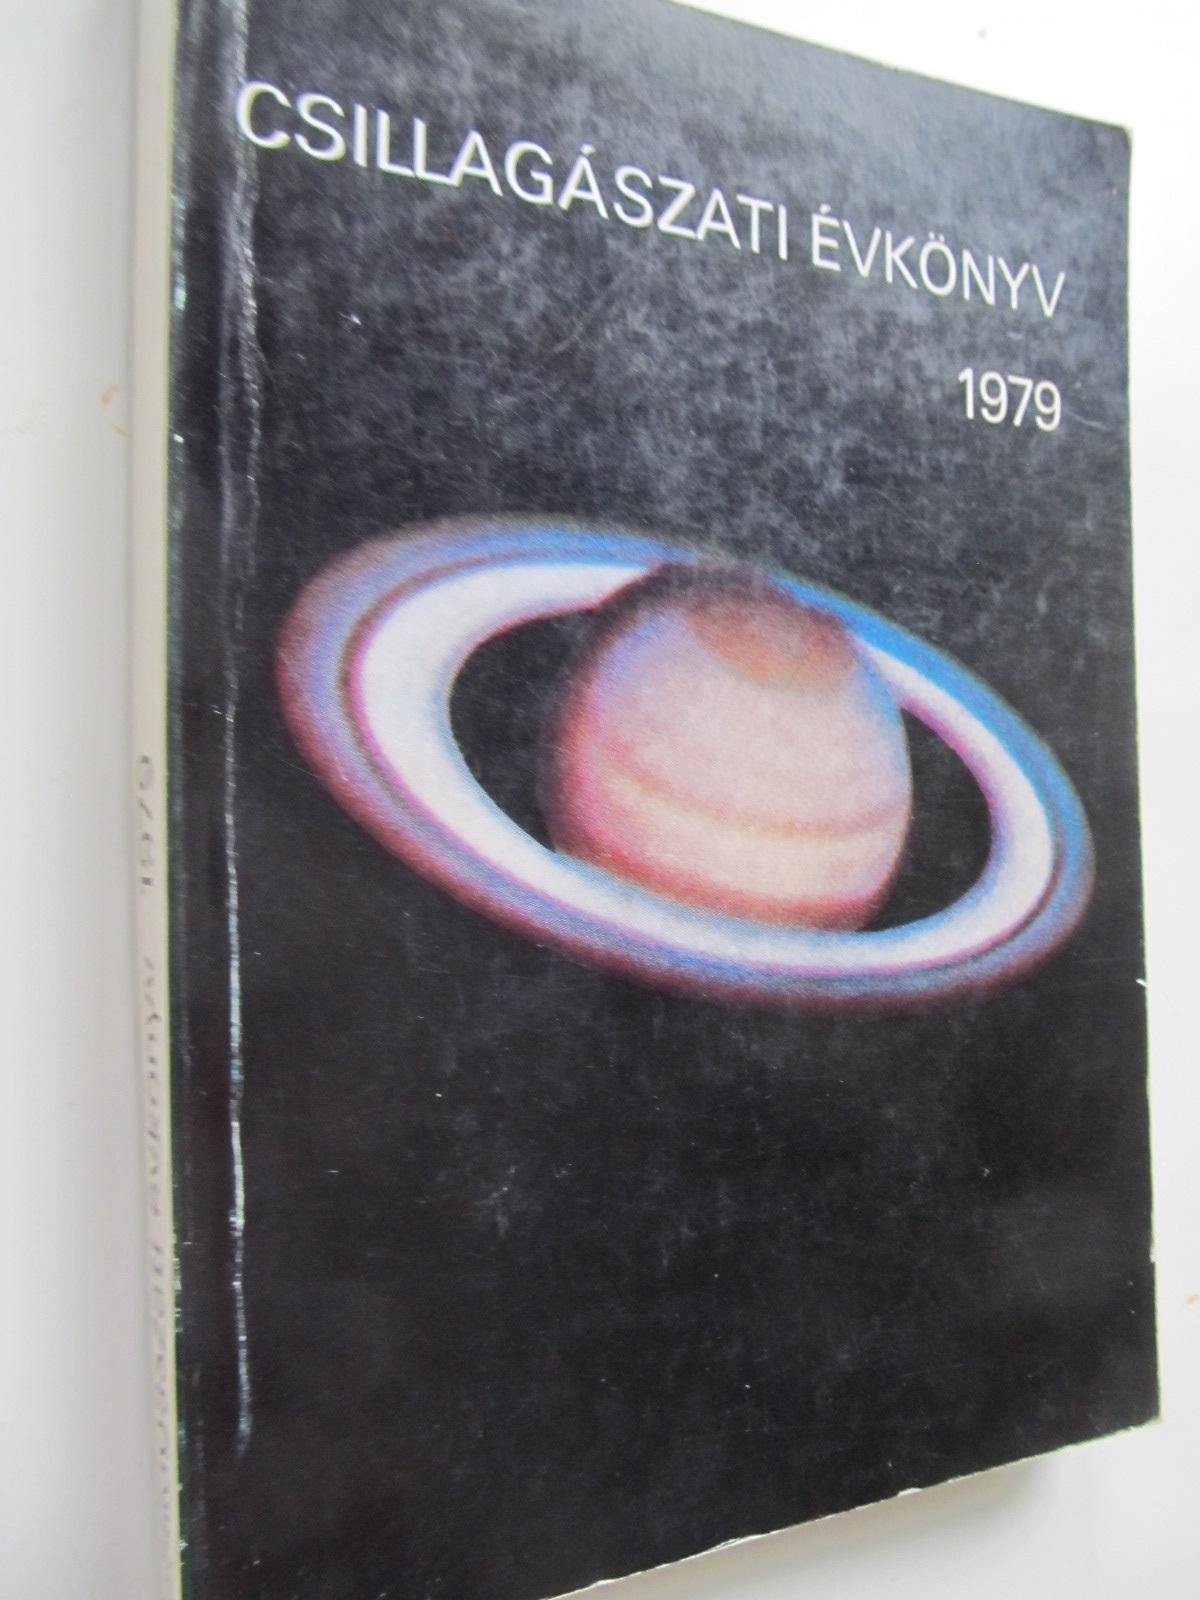 Csillagaszati evkonyv 1979 - *** | Detalii carte